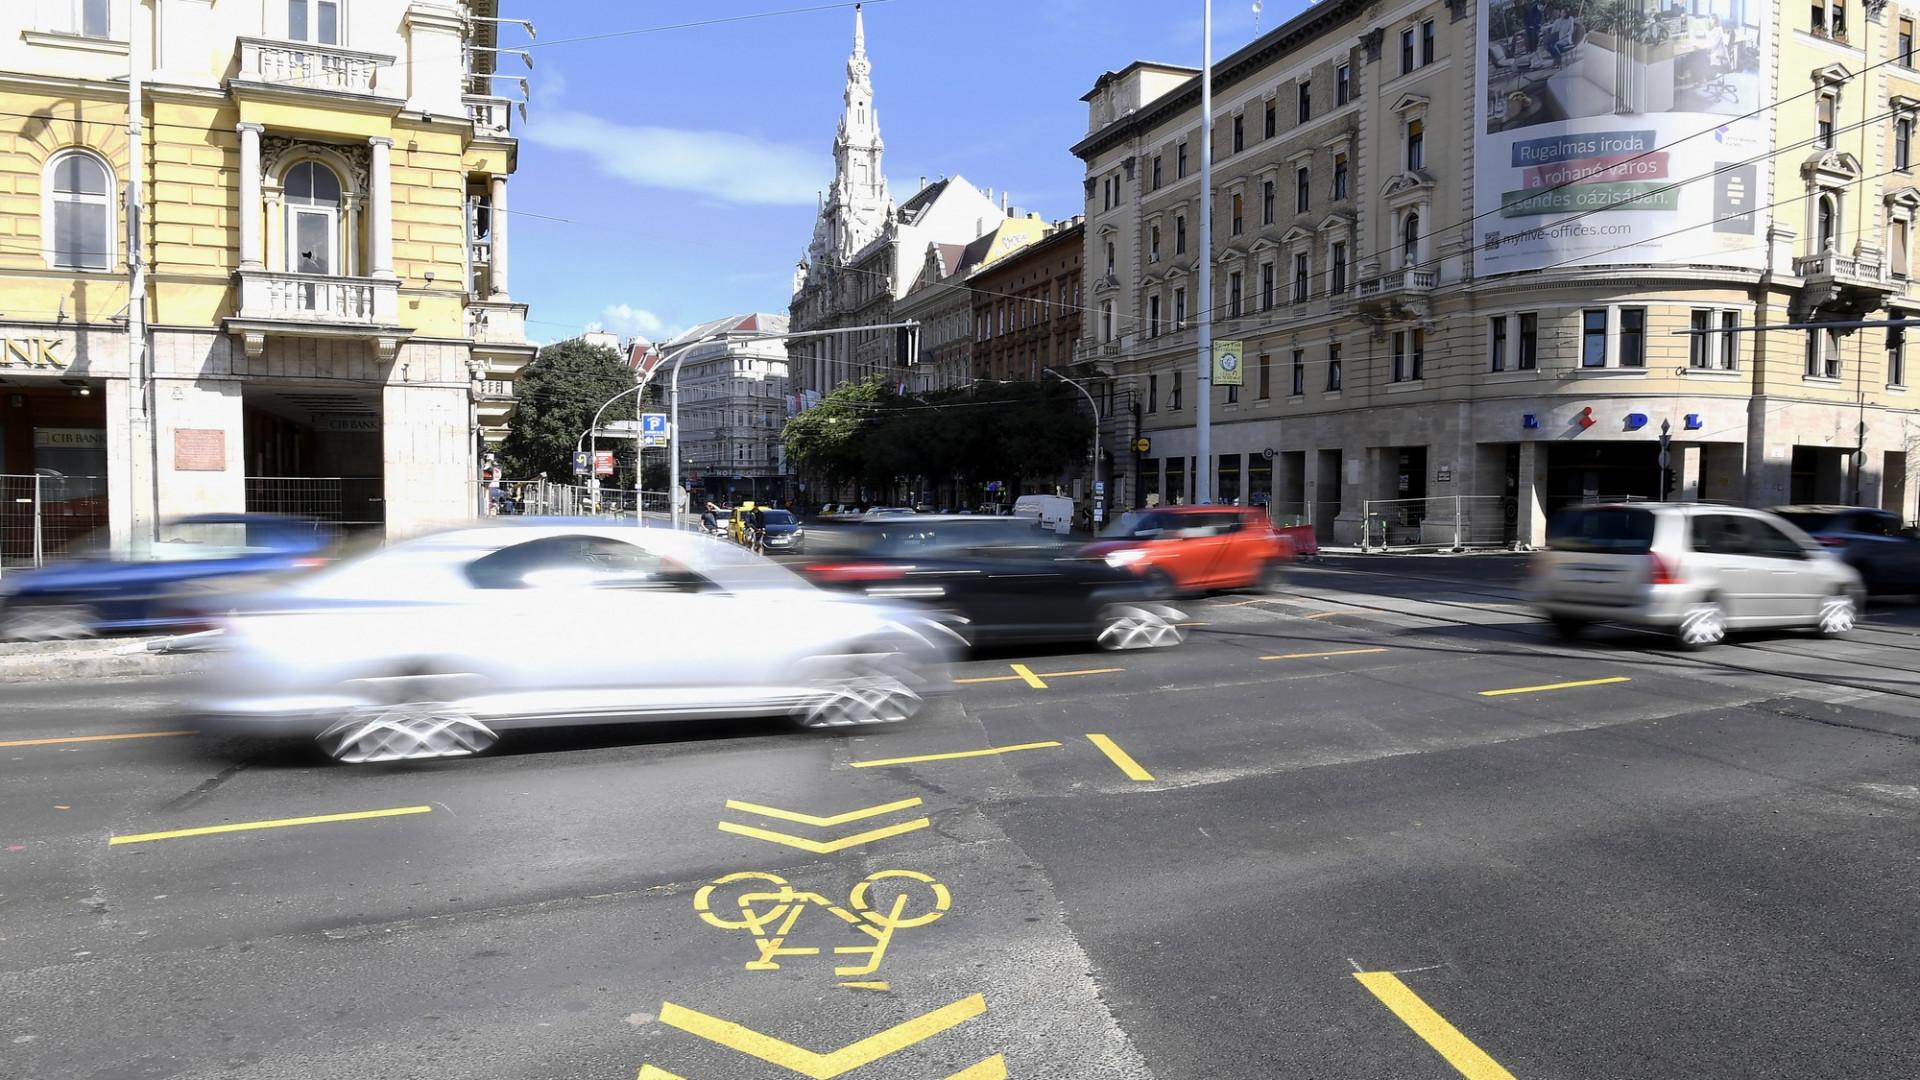 Jó hír a belvárosban autózóknak: vártnál hamarabb szűnnek meg a dugók a Blaha Lujza tér körül